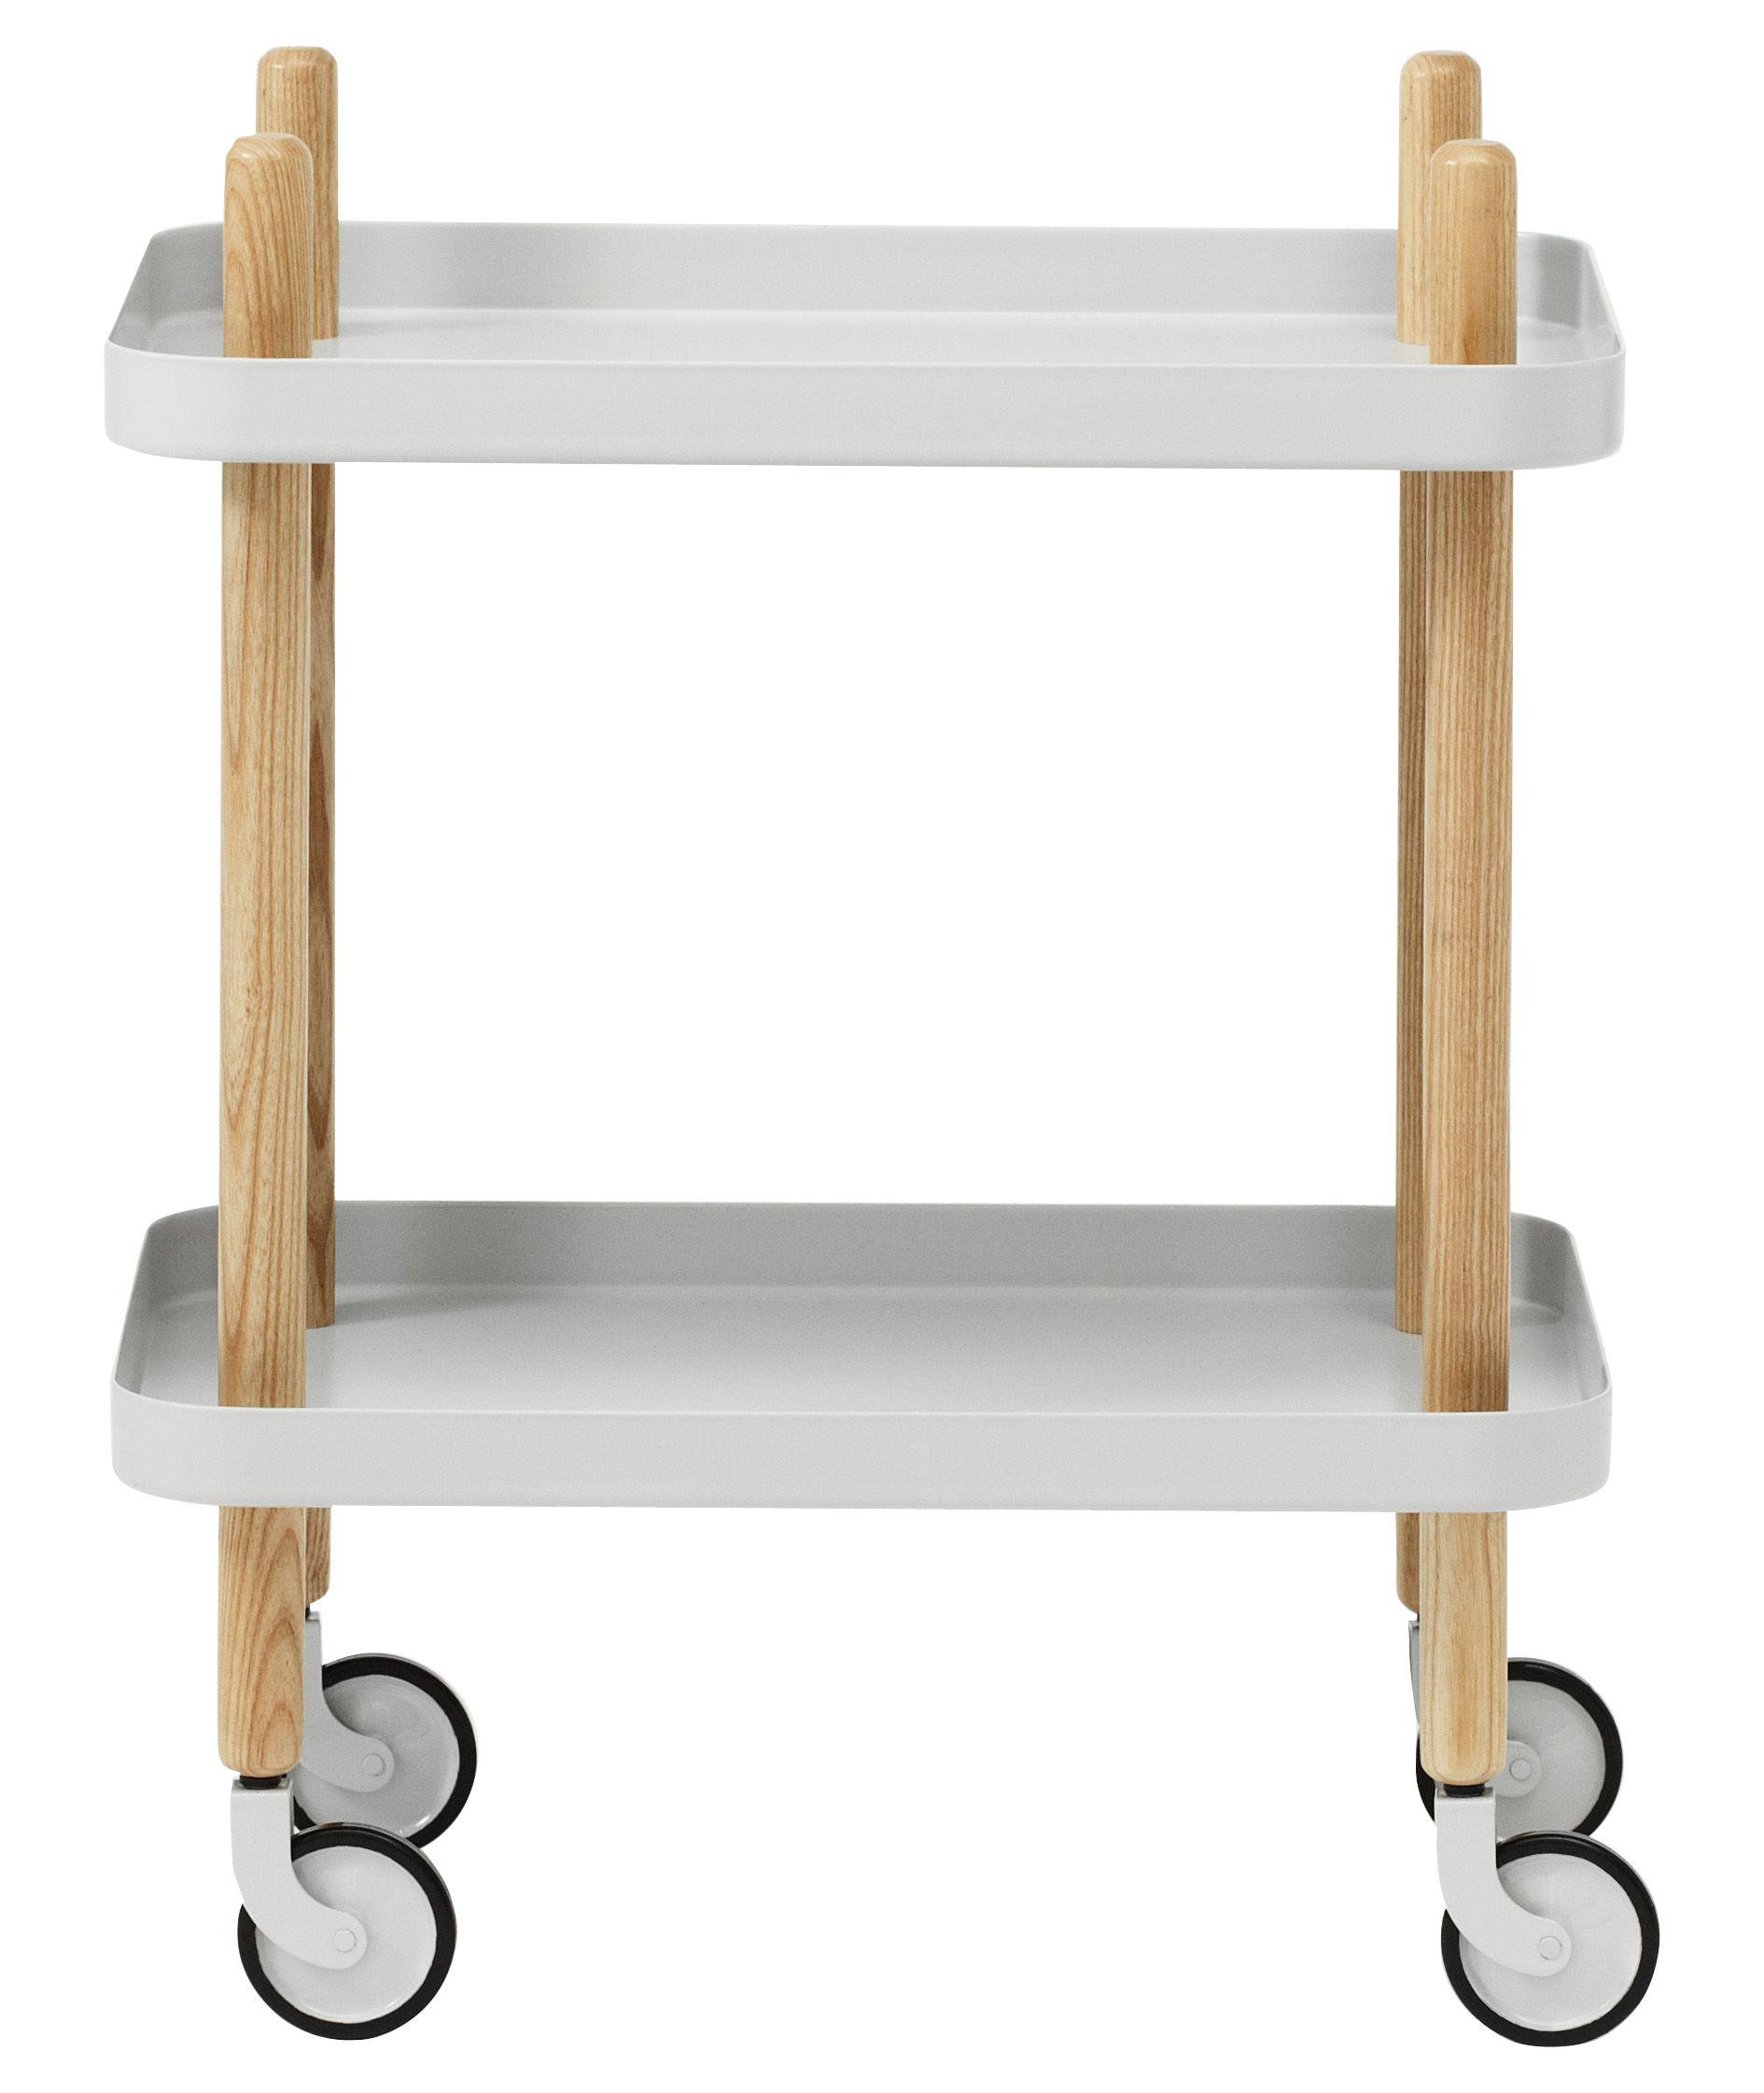 Möbel - Beistell-Möbel - Block Ablage / auf Rollen - Normann Copenhagen - Hellgrau - Esche, Stahl